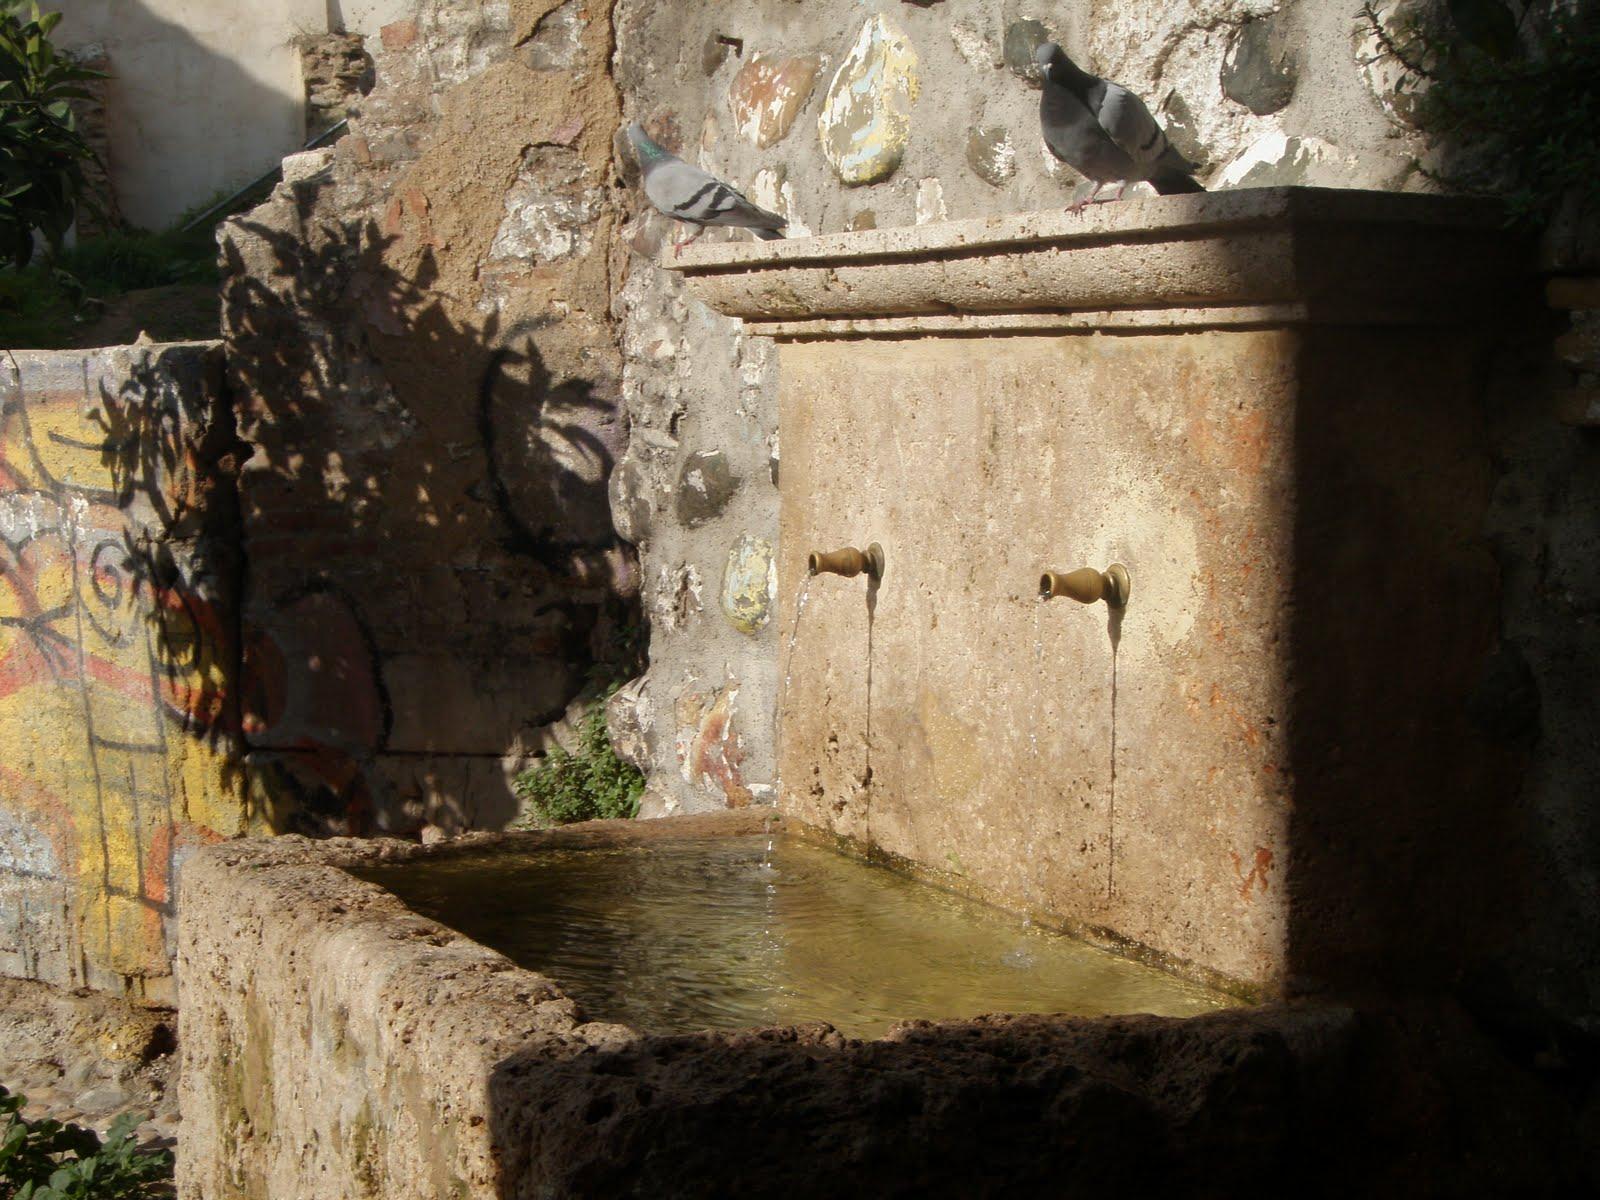 Fontes Potáveis para a Cultura Muçulmana, Granada - Espanha